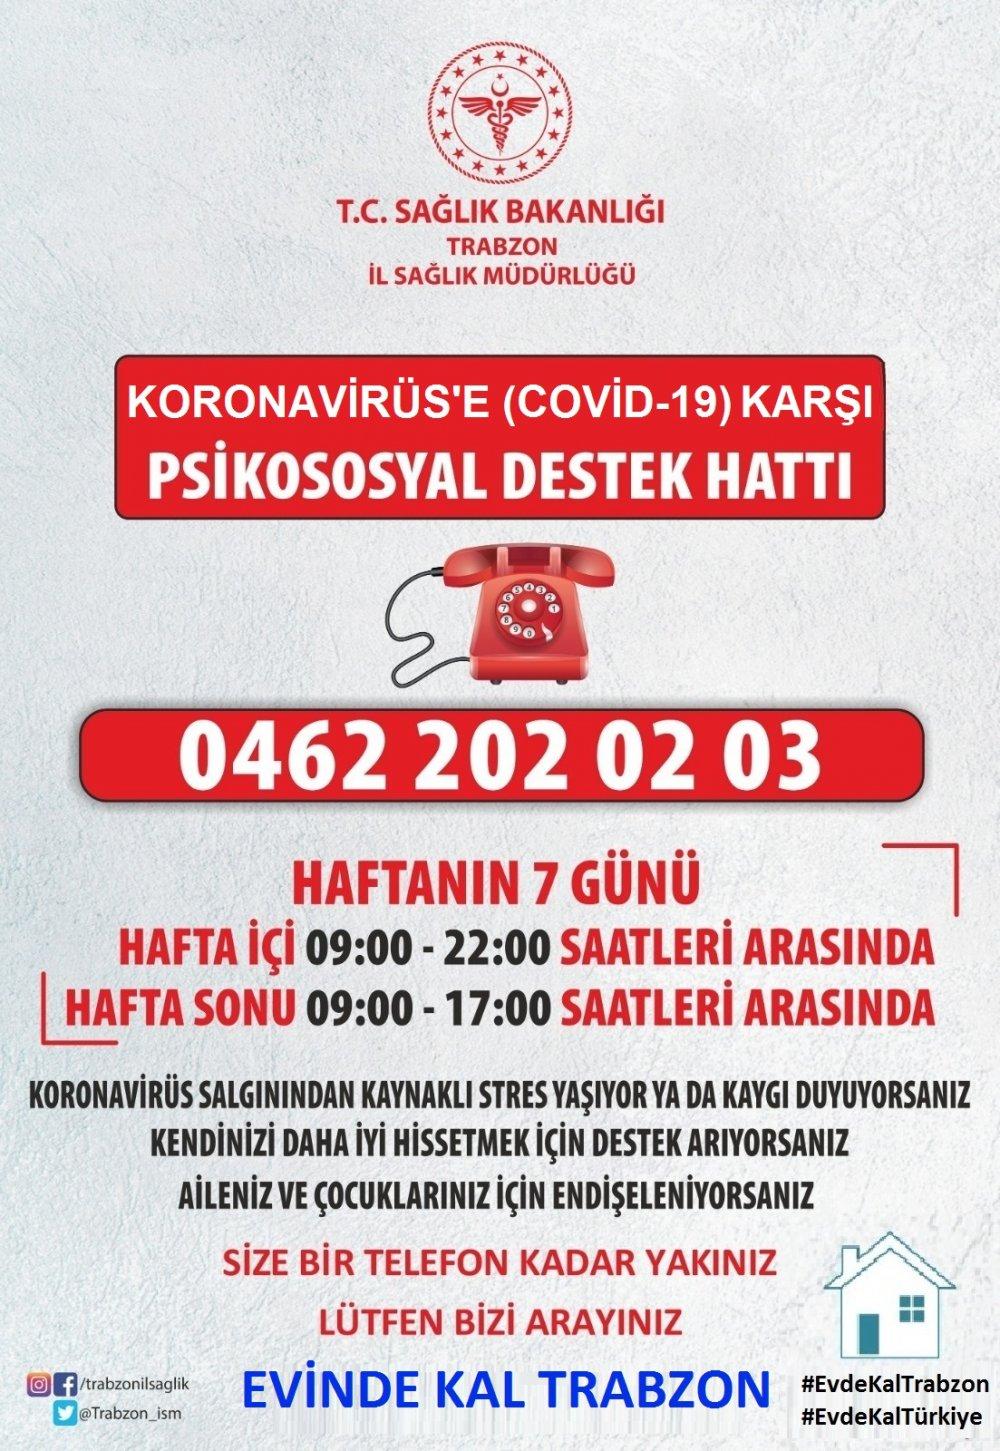 Trabzon'da hizmete başladı! Bu numarayı arayabilirsiniz